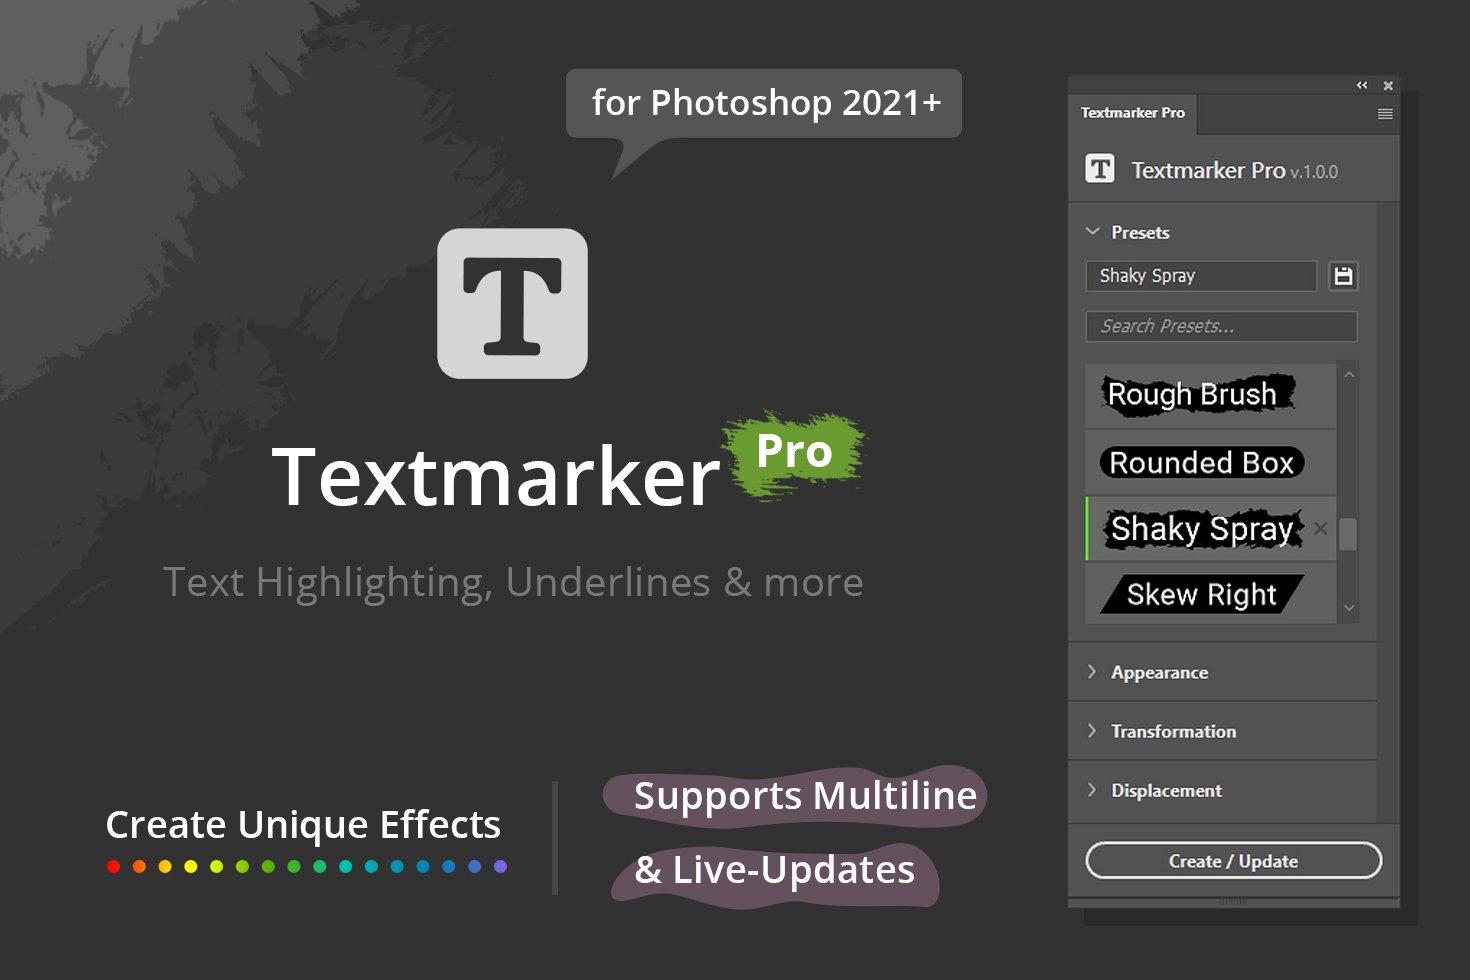 دانلود پلاگین و افزودنی فتوشاپ Textmarker Pro for PS 2021+